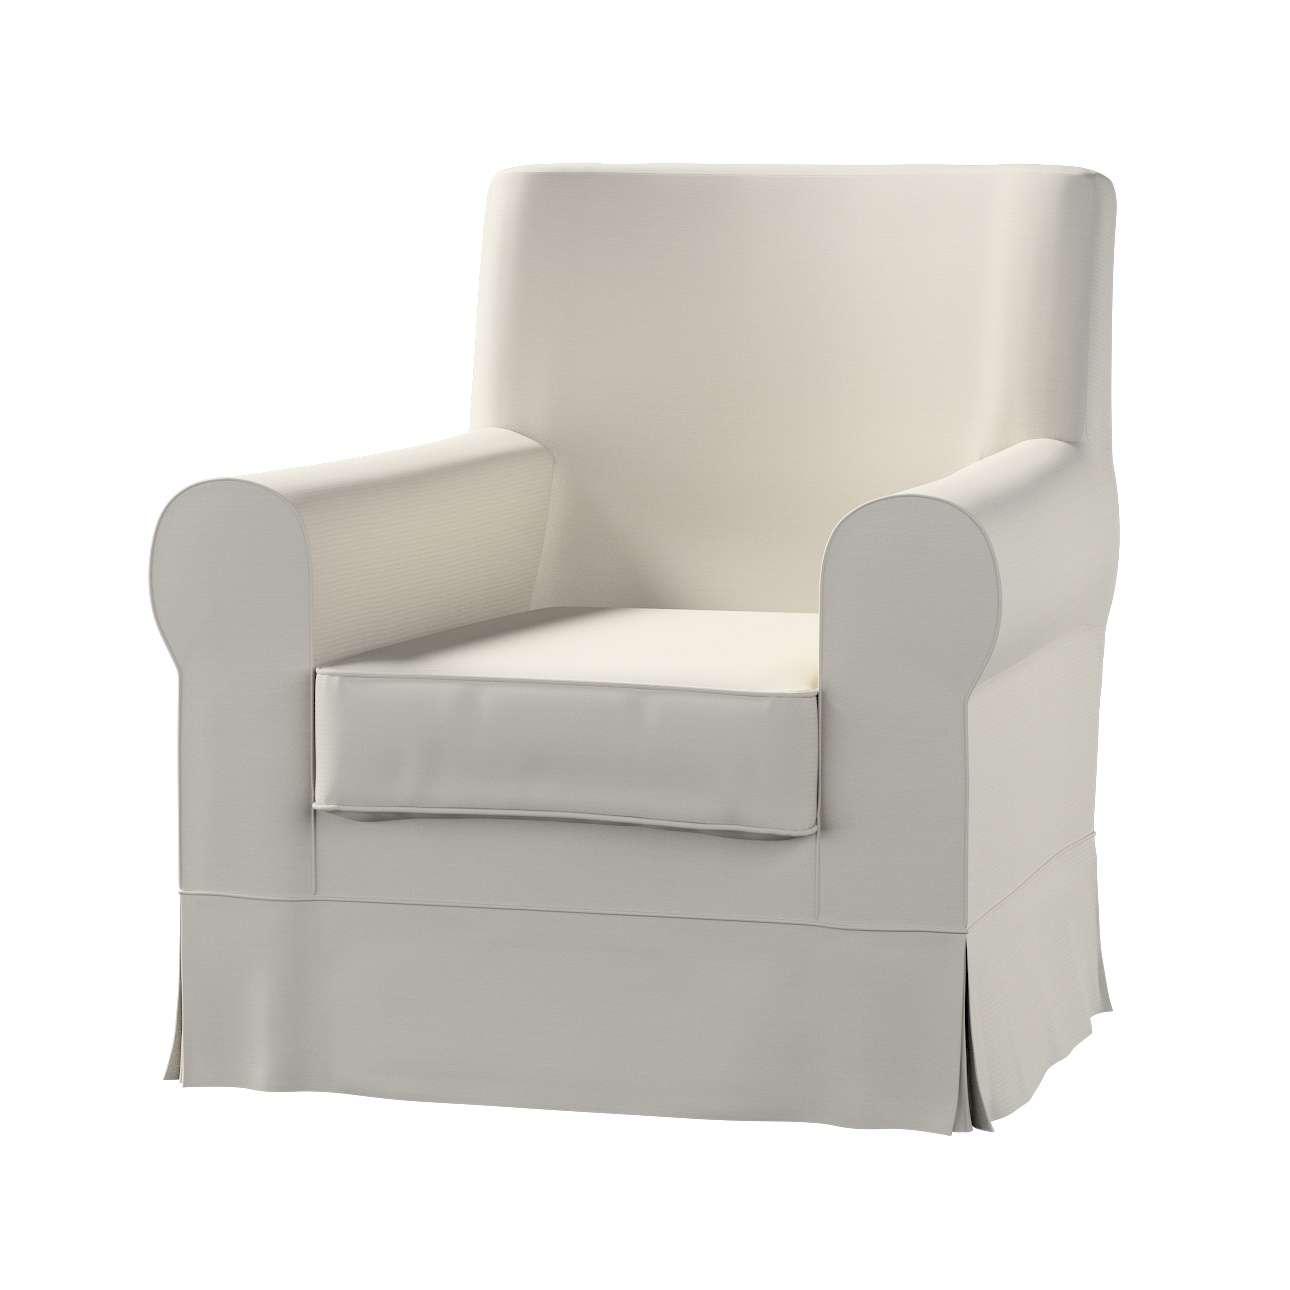 Pokrowiec na fotel Ektorp Jennylund Fotel Ektorp Jennylund w kolekcji Cotton Panama, tkanina: 702-31